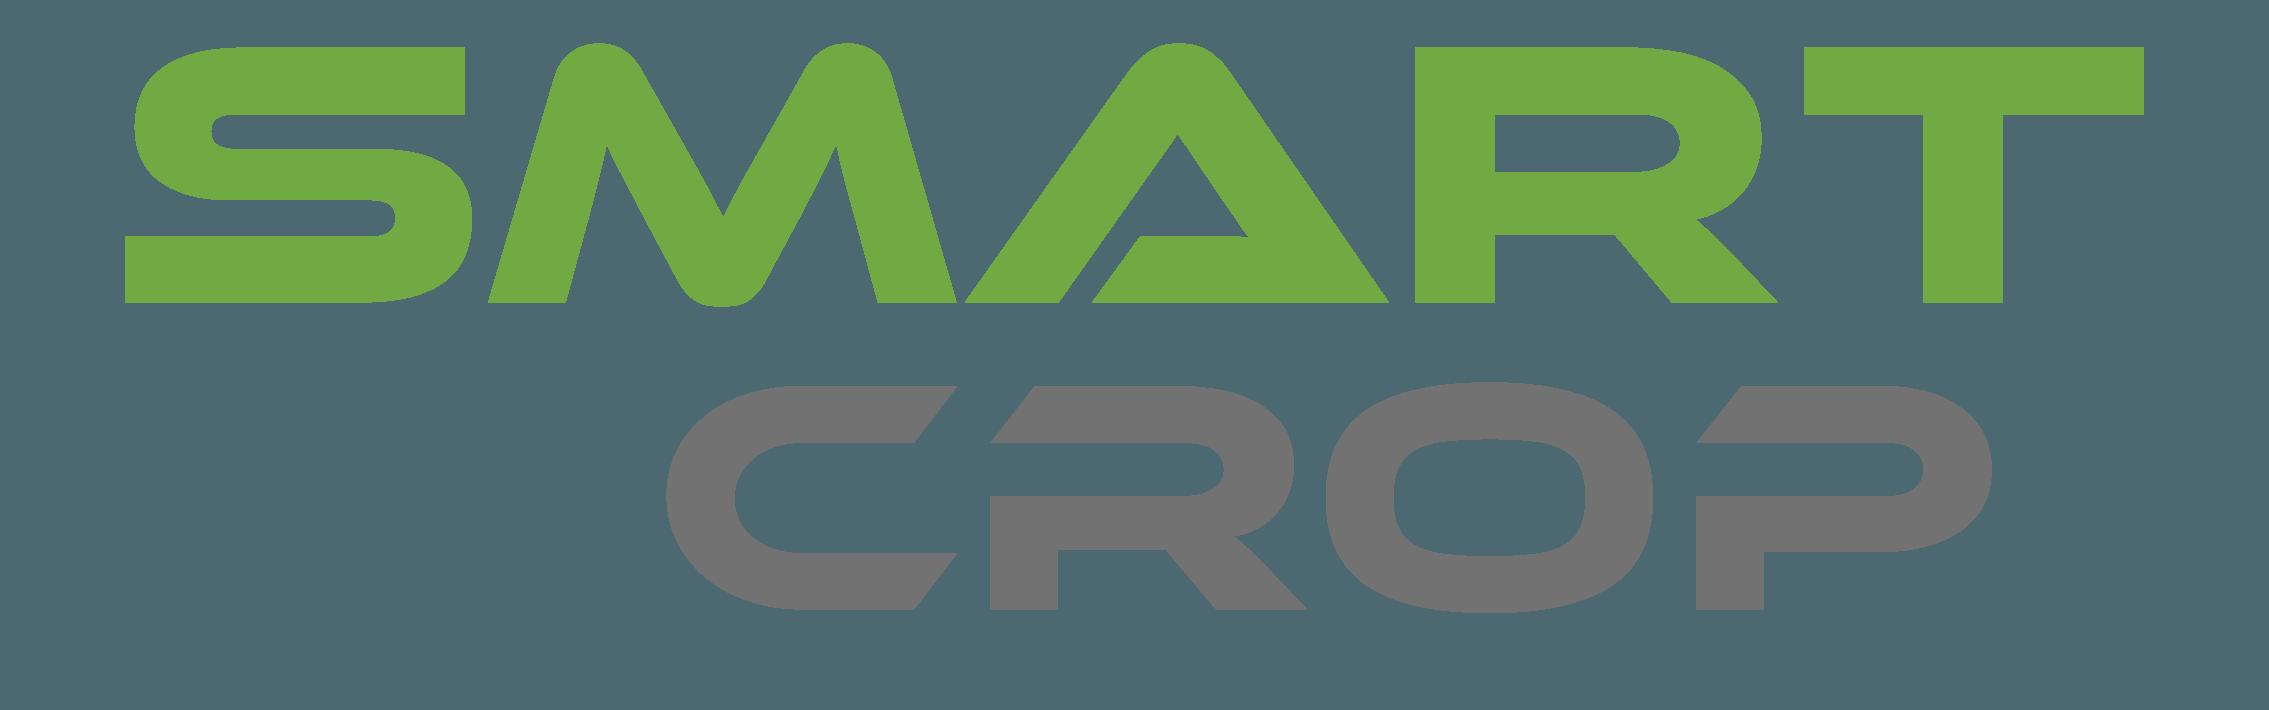 Smart Crop App Logo